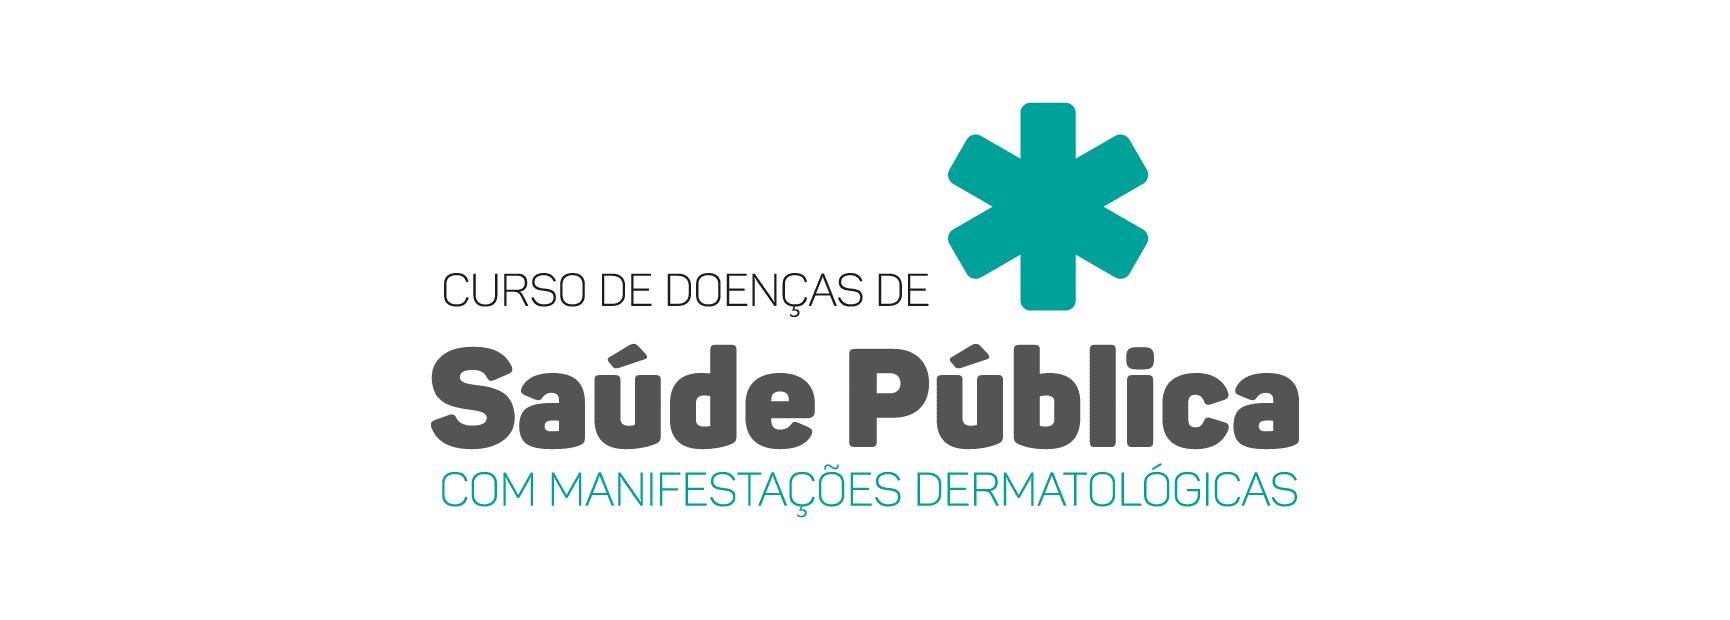 Doenças de Saúde Pública com Manifestações Dermatológicas @ Colégio Brasileiro de Cirurgiões | Rio de Janeiro | Brasil